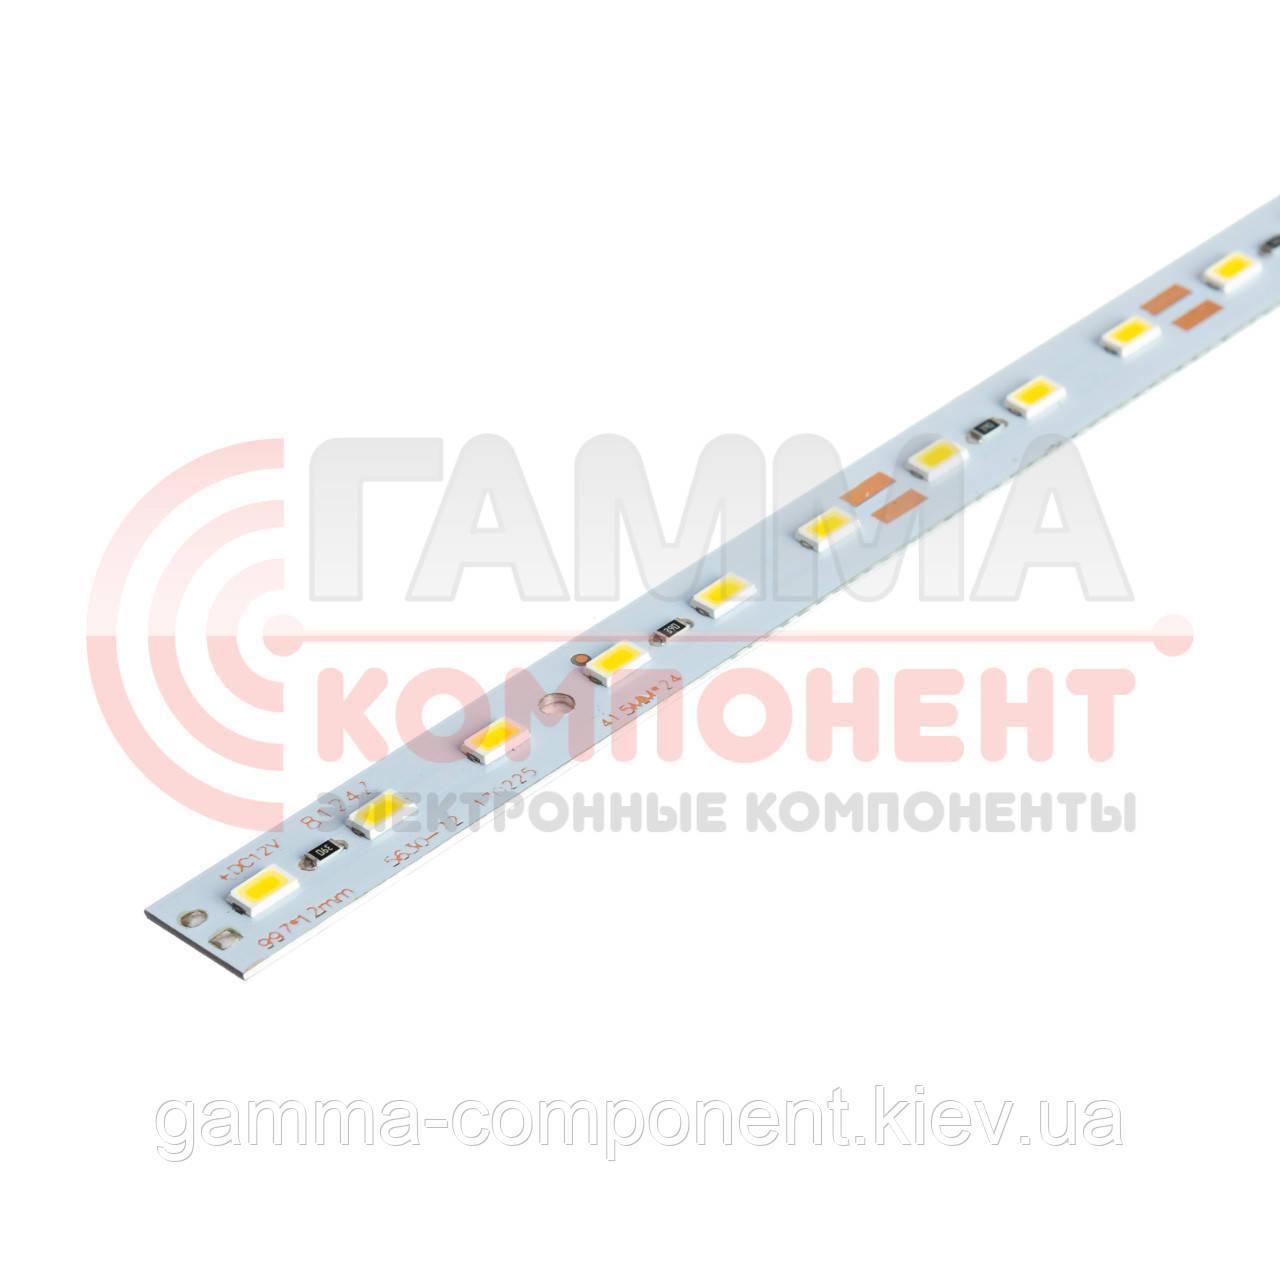 Светодиодная линейка SMD5630 18Вт, 100cм, 12V, теплый белый, IP20